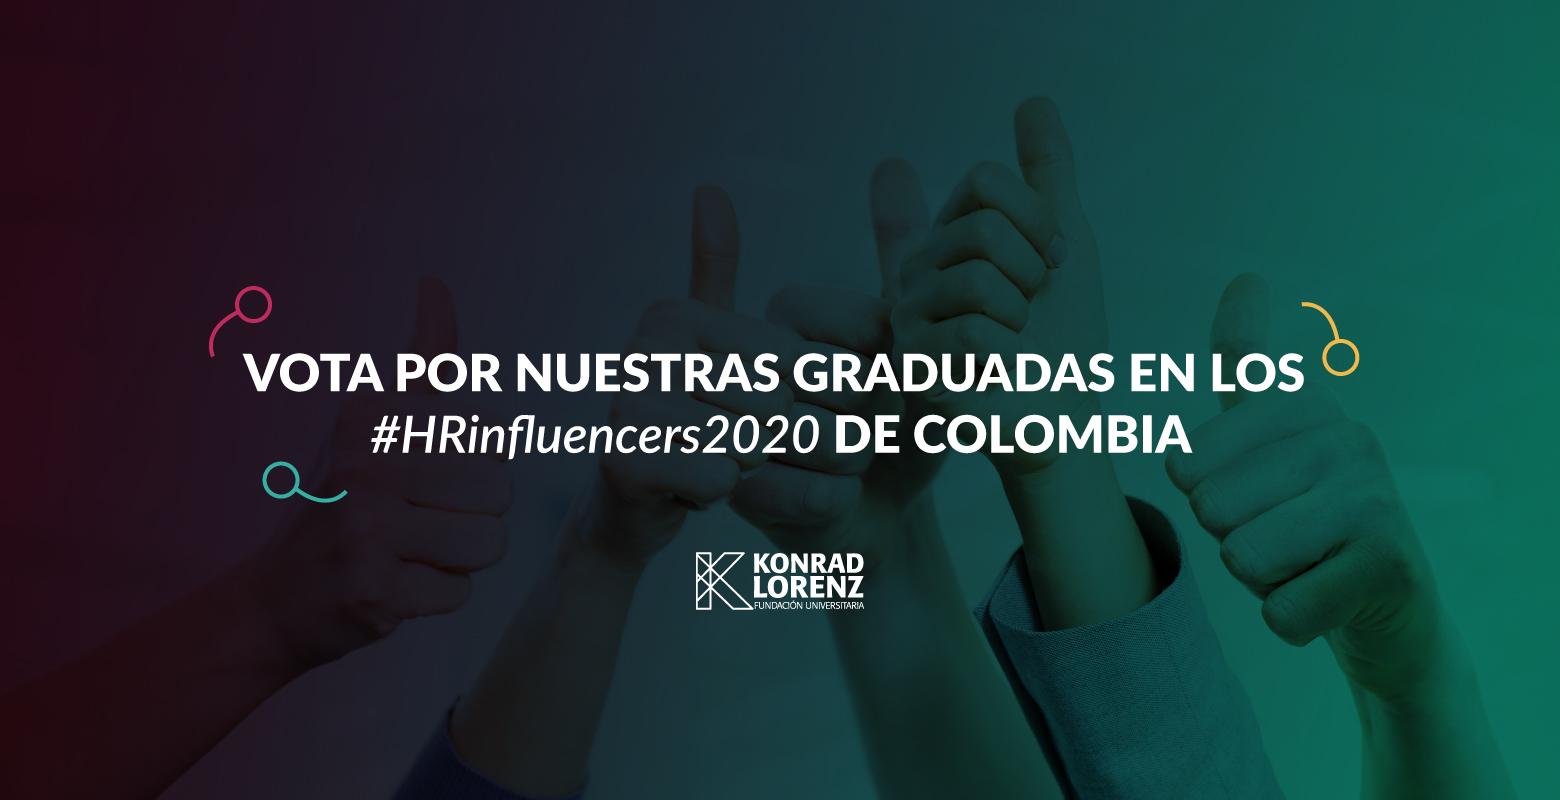 ¡Apoyemos a Nuestras Graduadas!